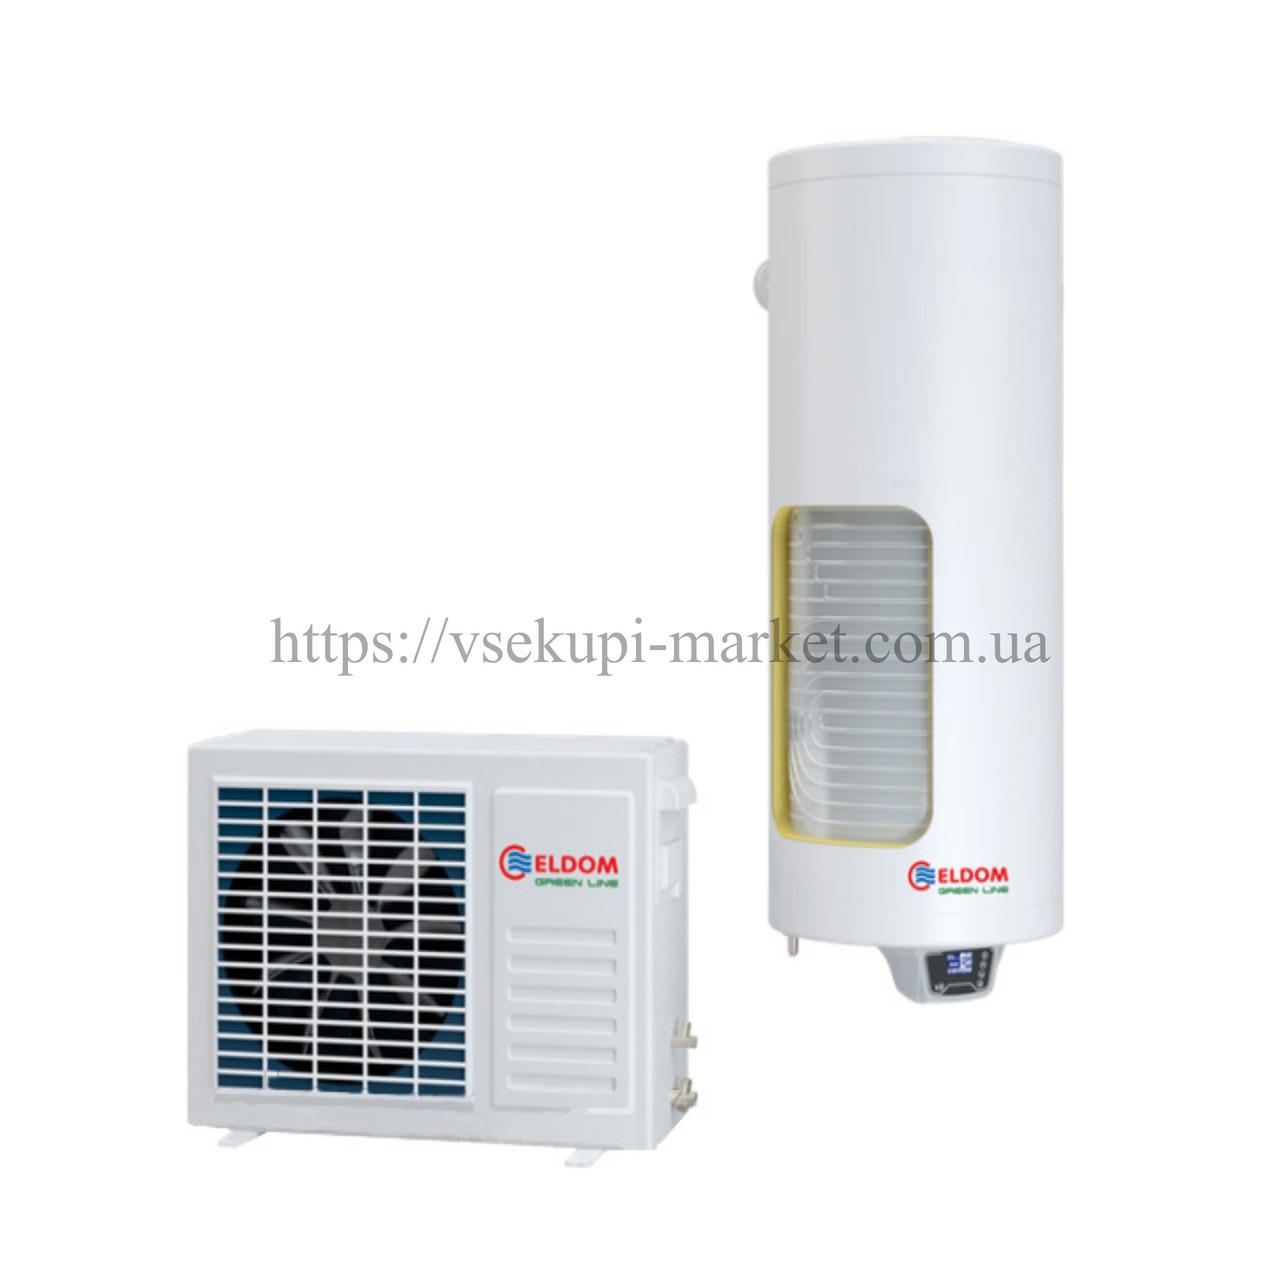 Водонагреватель теплонасосный ELDOM HPS120 2 kW